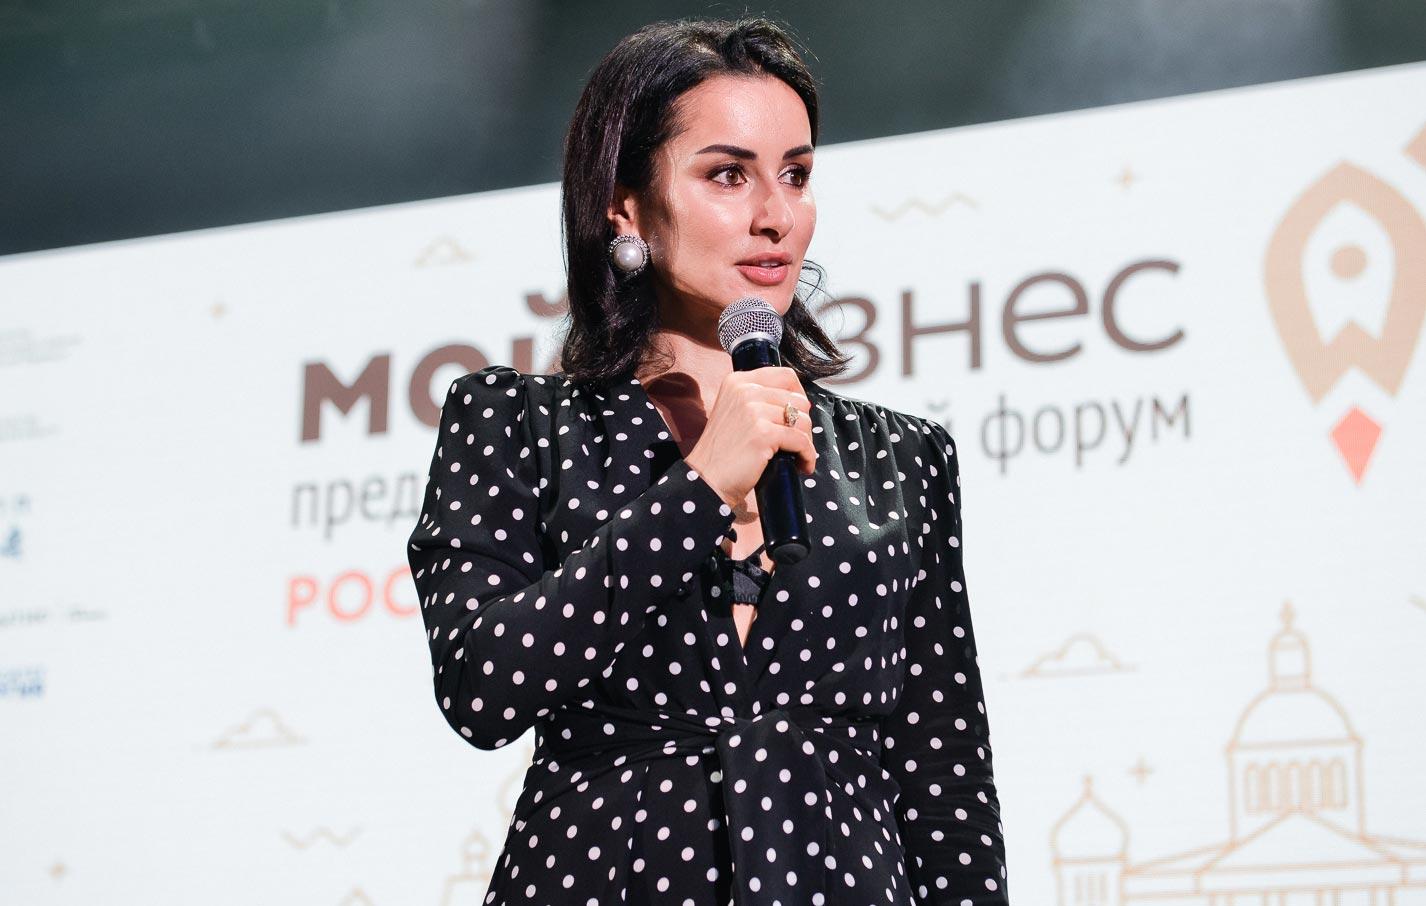 Тина Канделаки выступила на форуме «Мой Бизнес» в Ростове-на-Дону //Фото предоставлено РРРАПП